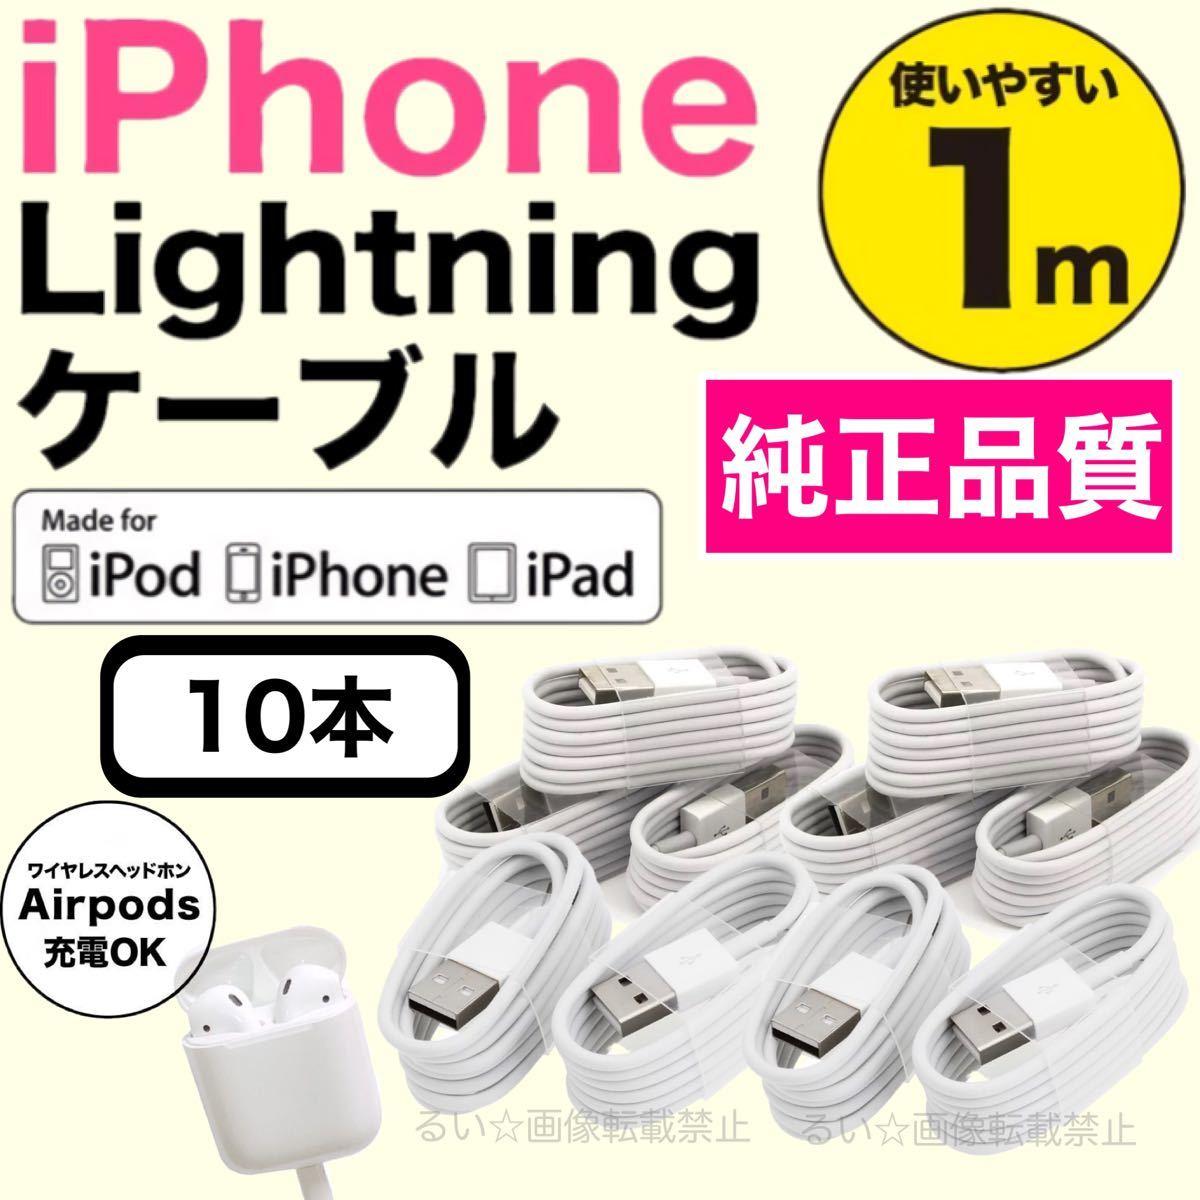 iPhone ライトニングケーブル アップル iPad 充電器 Apple Lightningケーブル